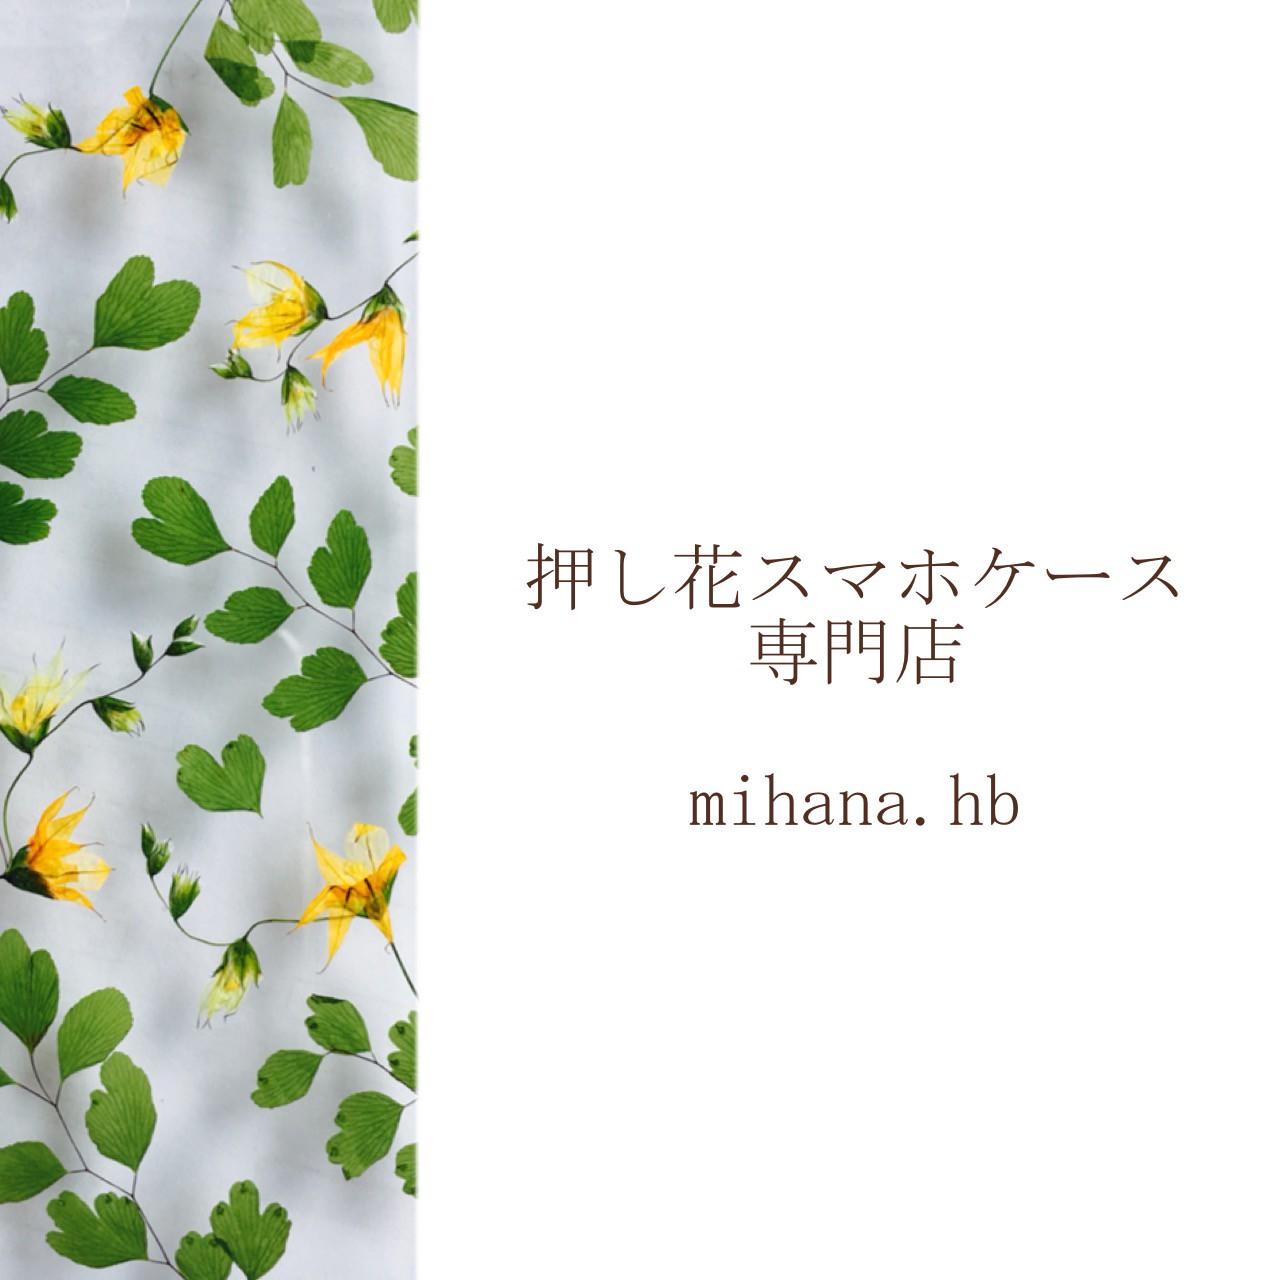 押し花スマホケース専門店 mihana.hb